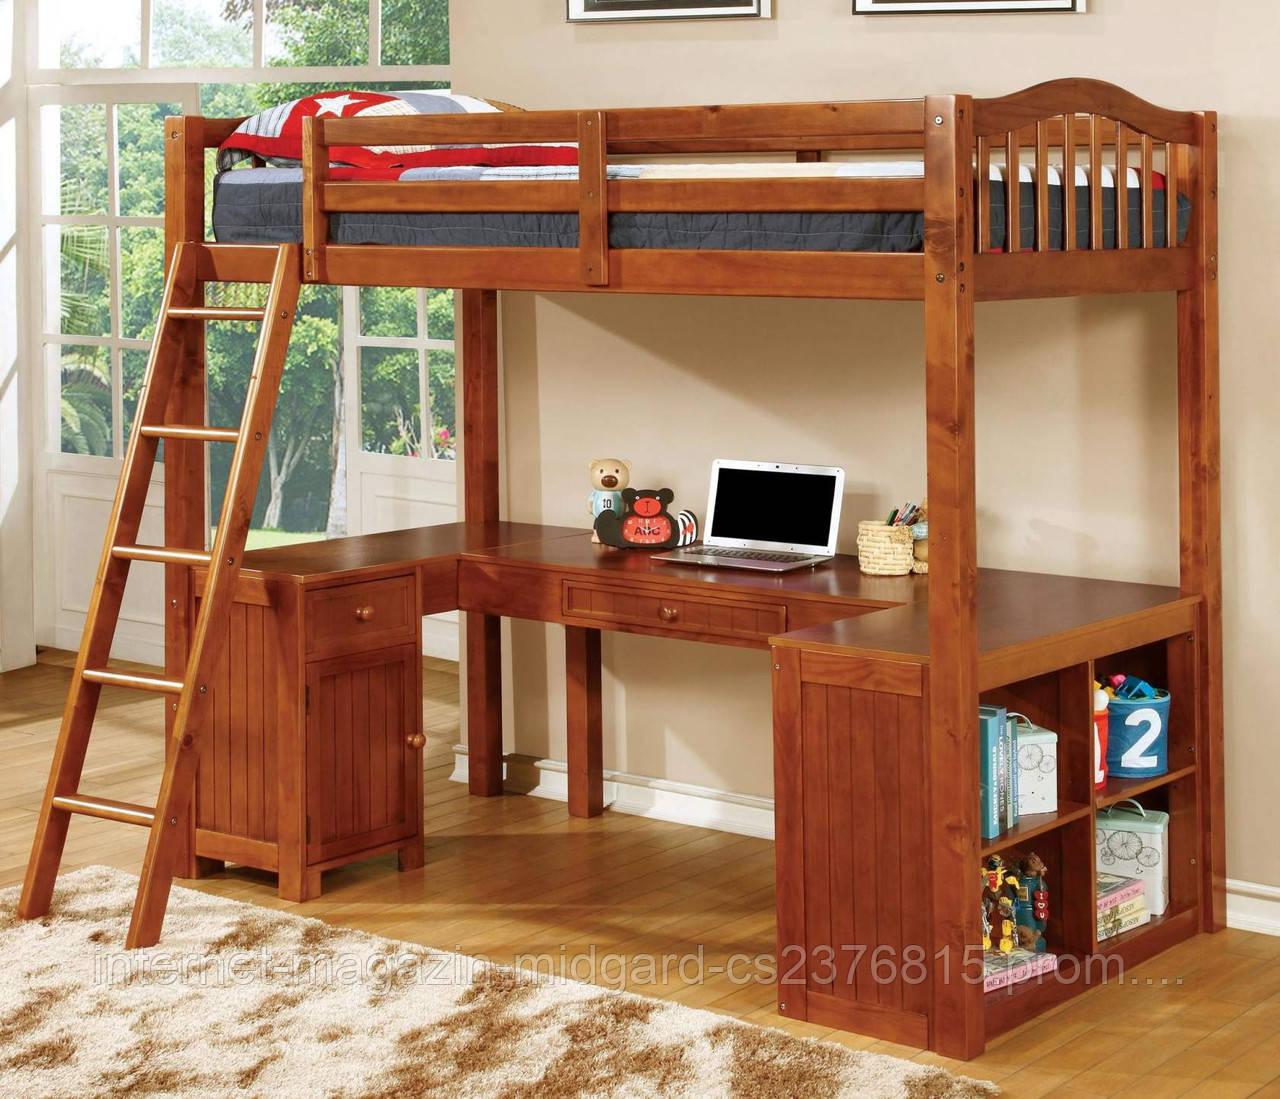 Двухярусная кровать-чердак Магнат (стол, комод, стеллаж) массив